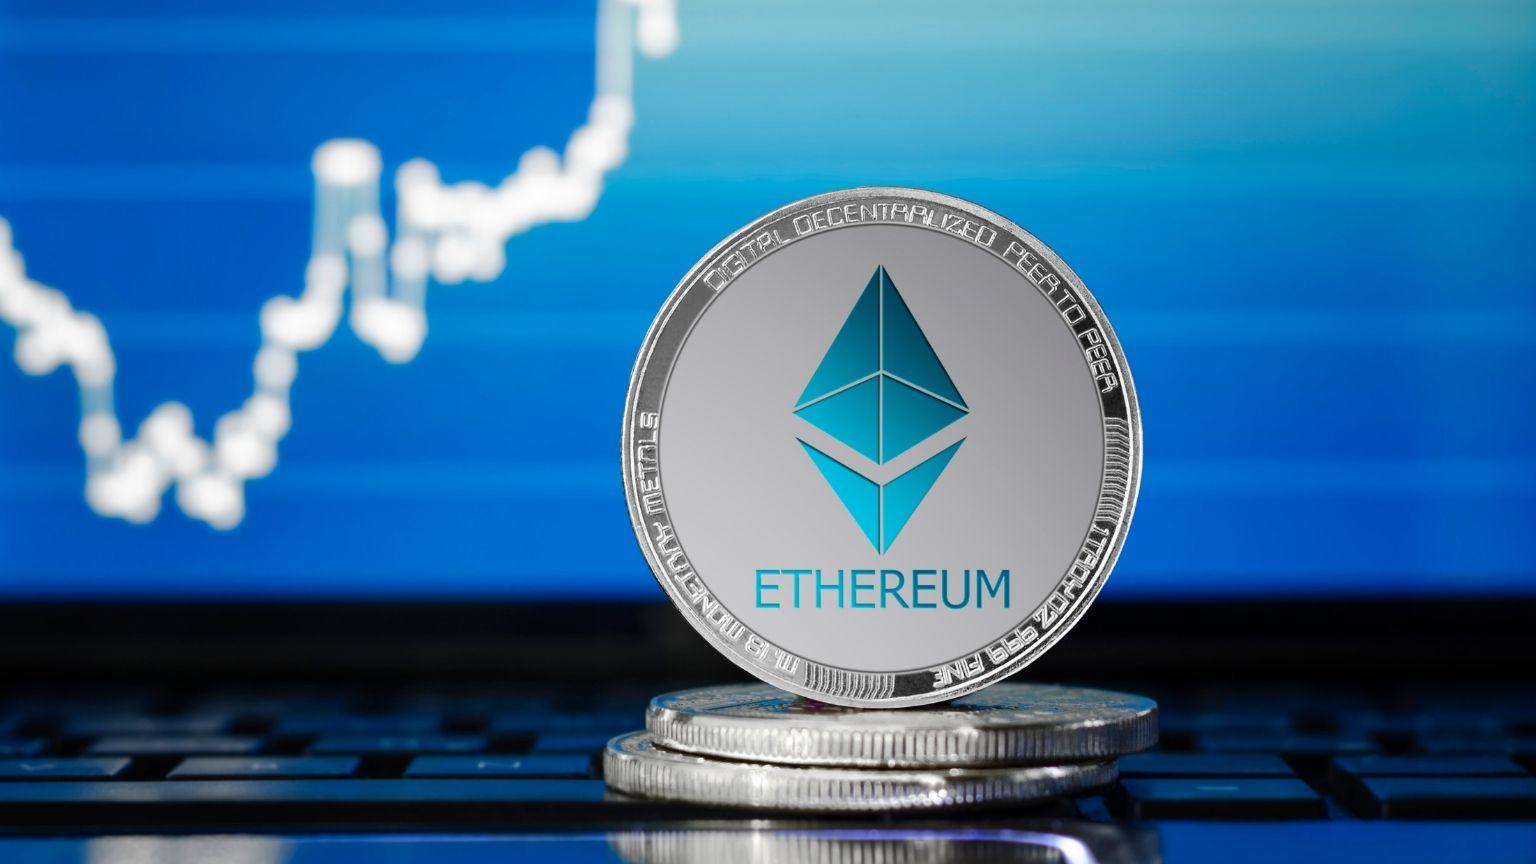 Experta en criptomonedas avizora que Ether puede alcanzar los 10.000 dólares a finales de año